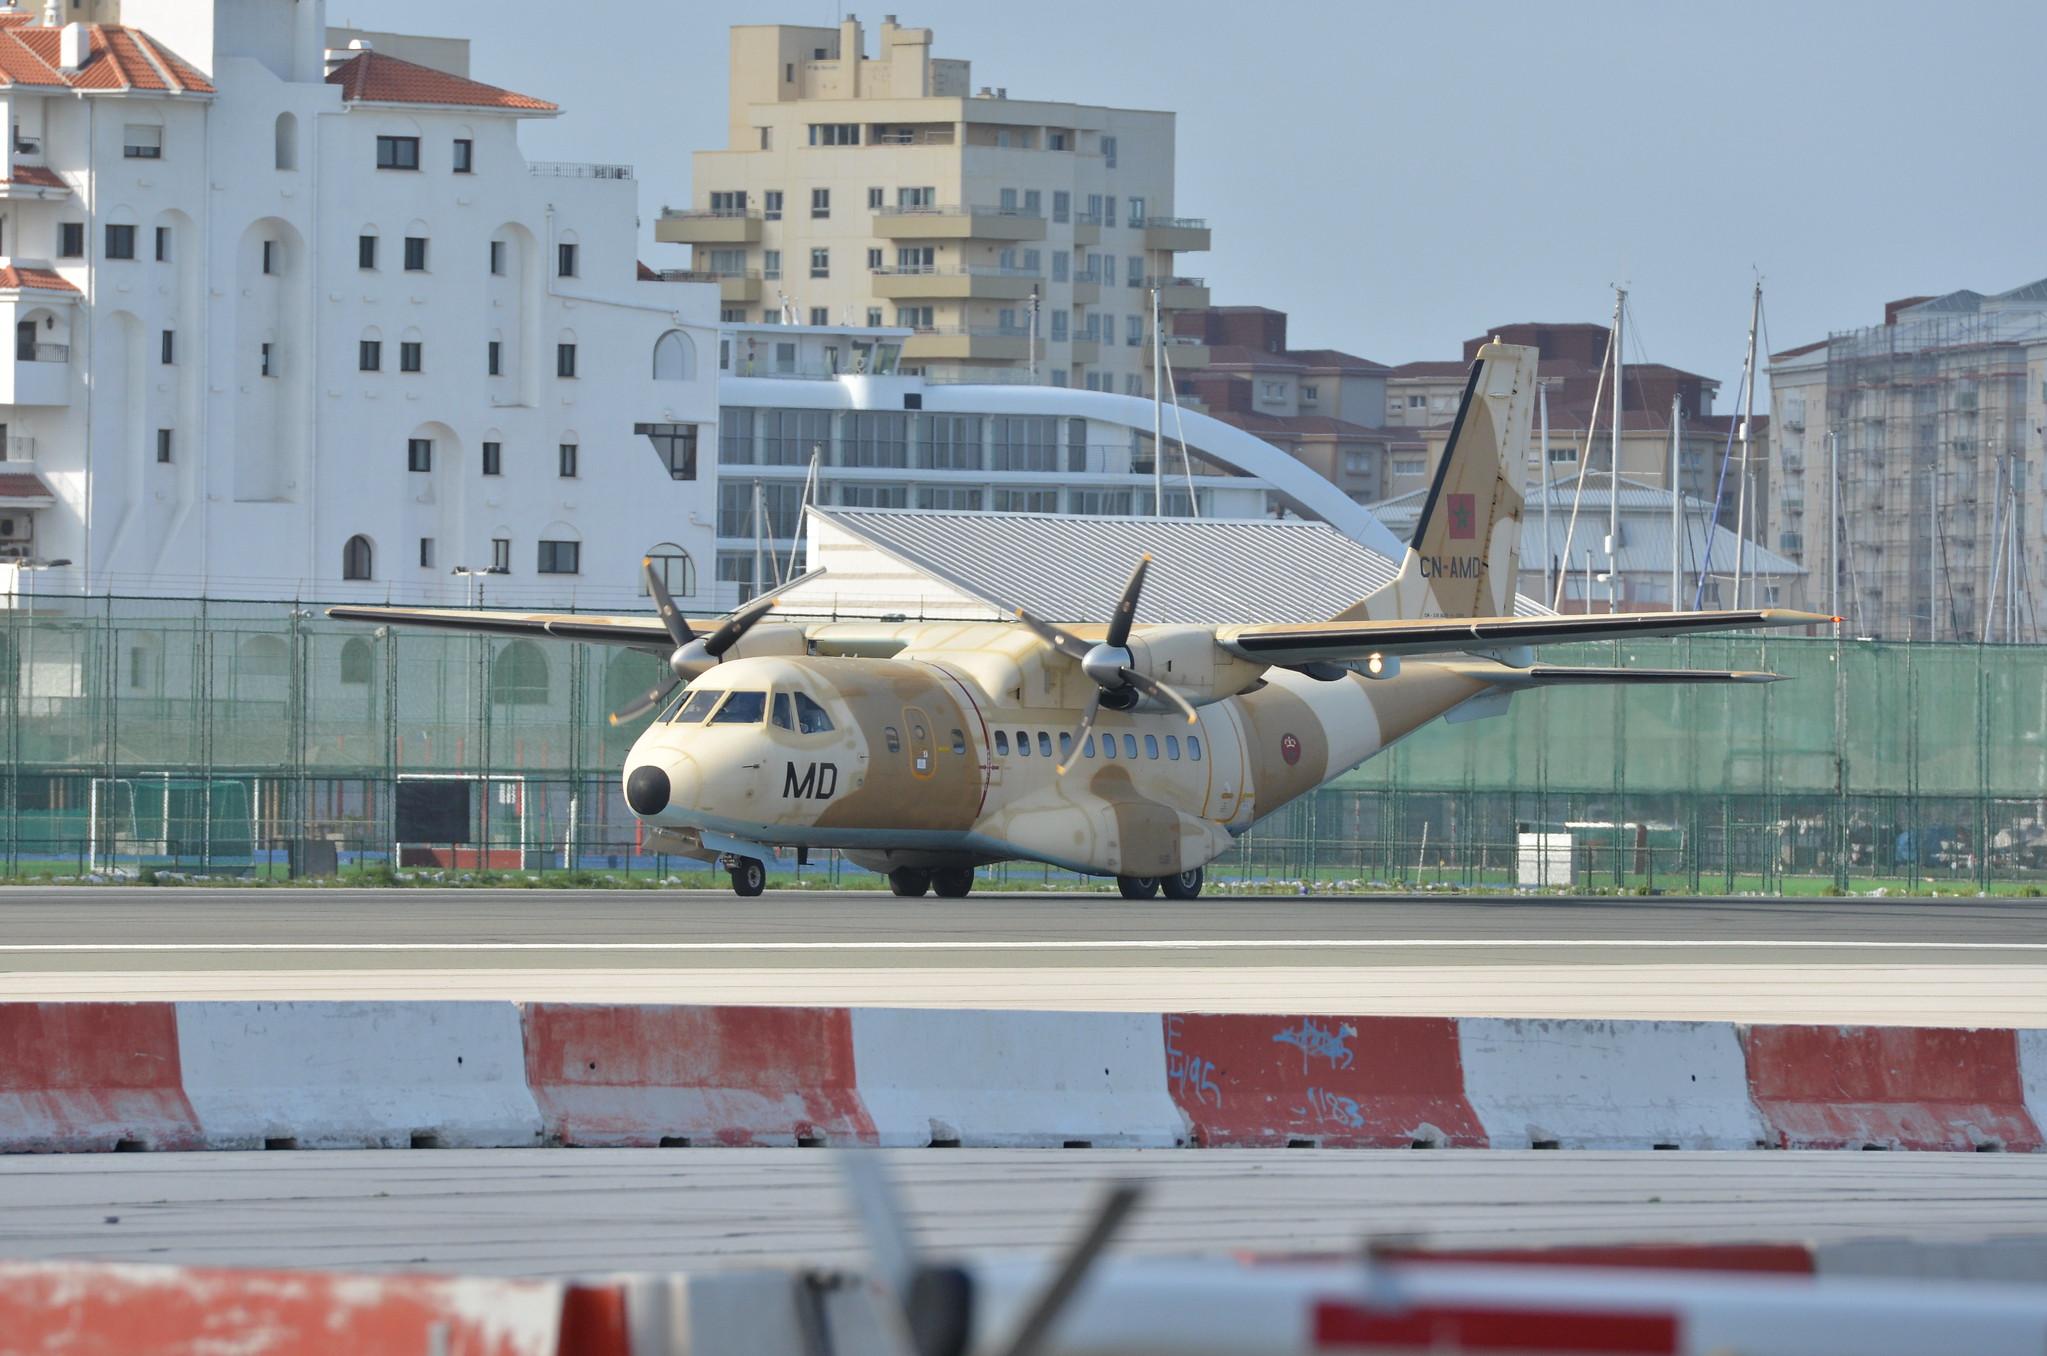 طائرات النقل العاملة بالقوات المسلحة المغربية 13060147433_98ee6f467b_k